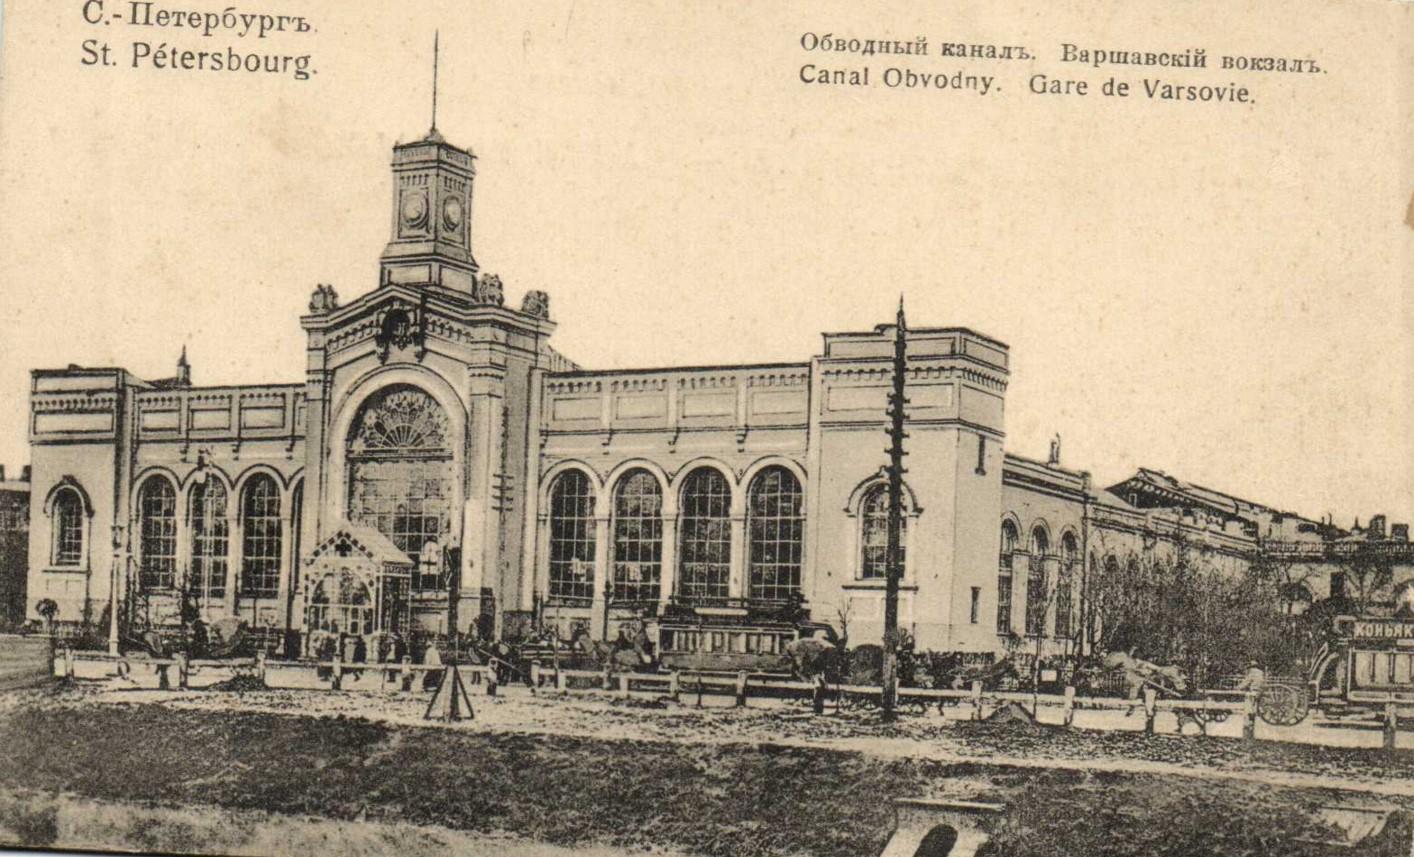 Варшавский вокзал. Обводной канал